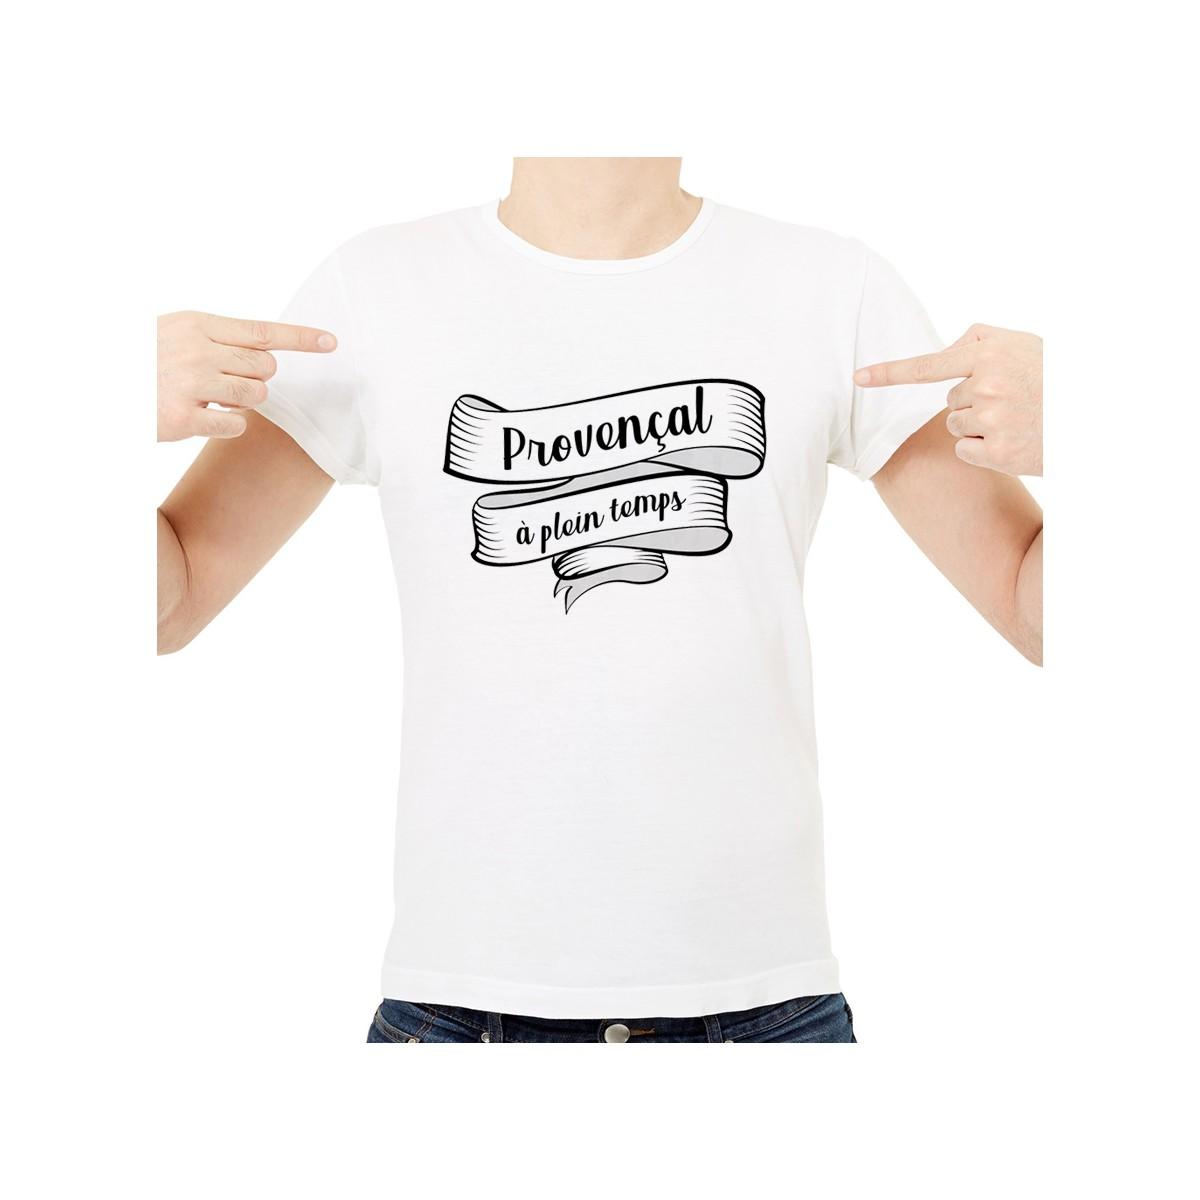 T-shirt Provençal à plein temps